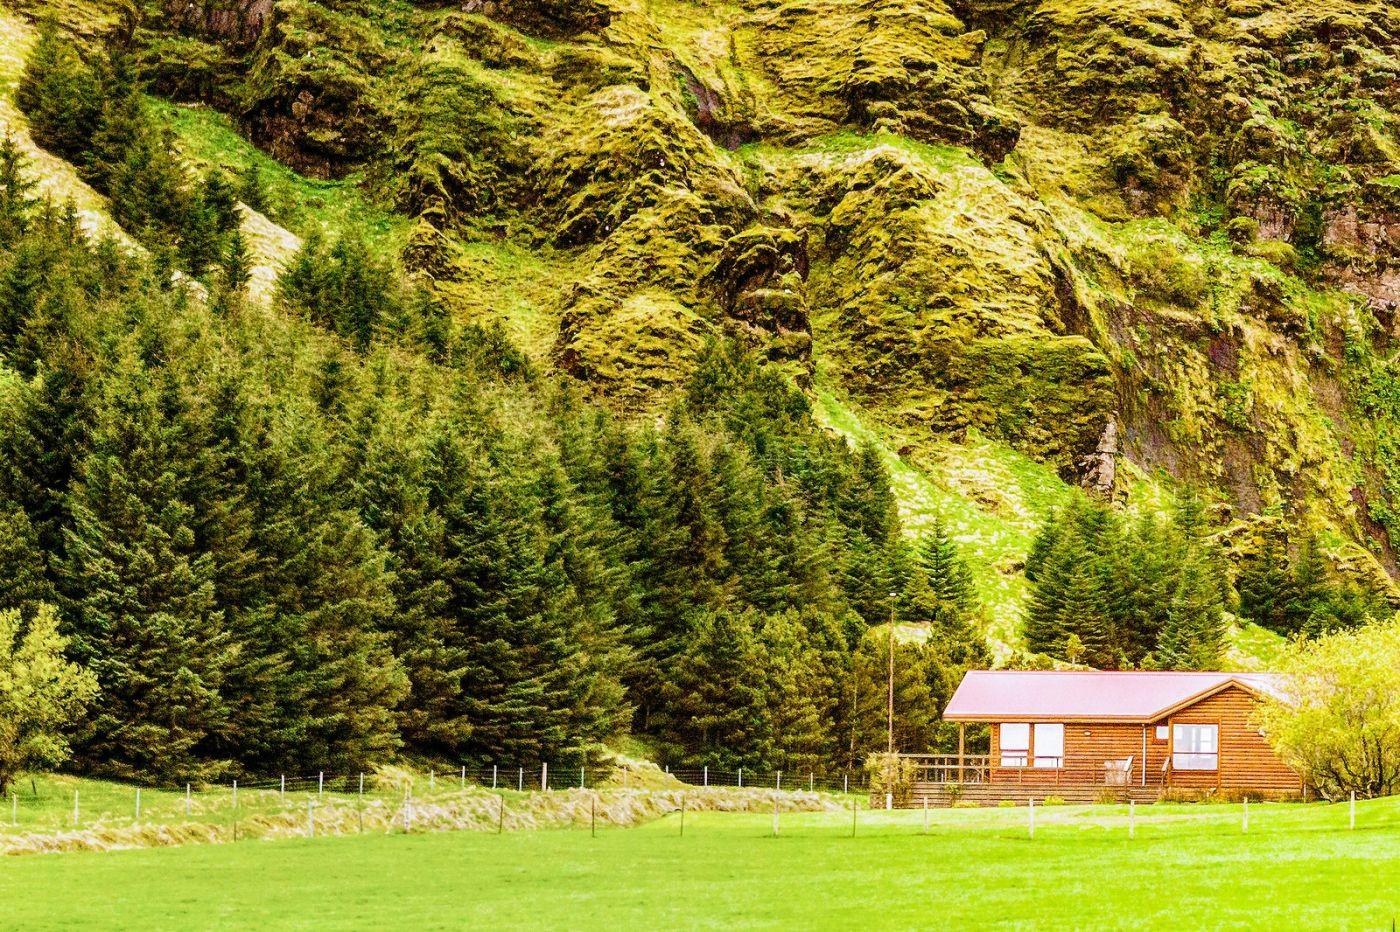 冰岛风采,大山民舍羊群_图1-31